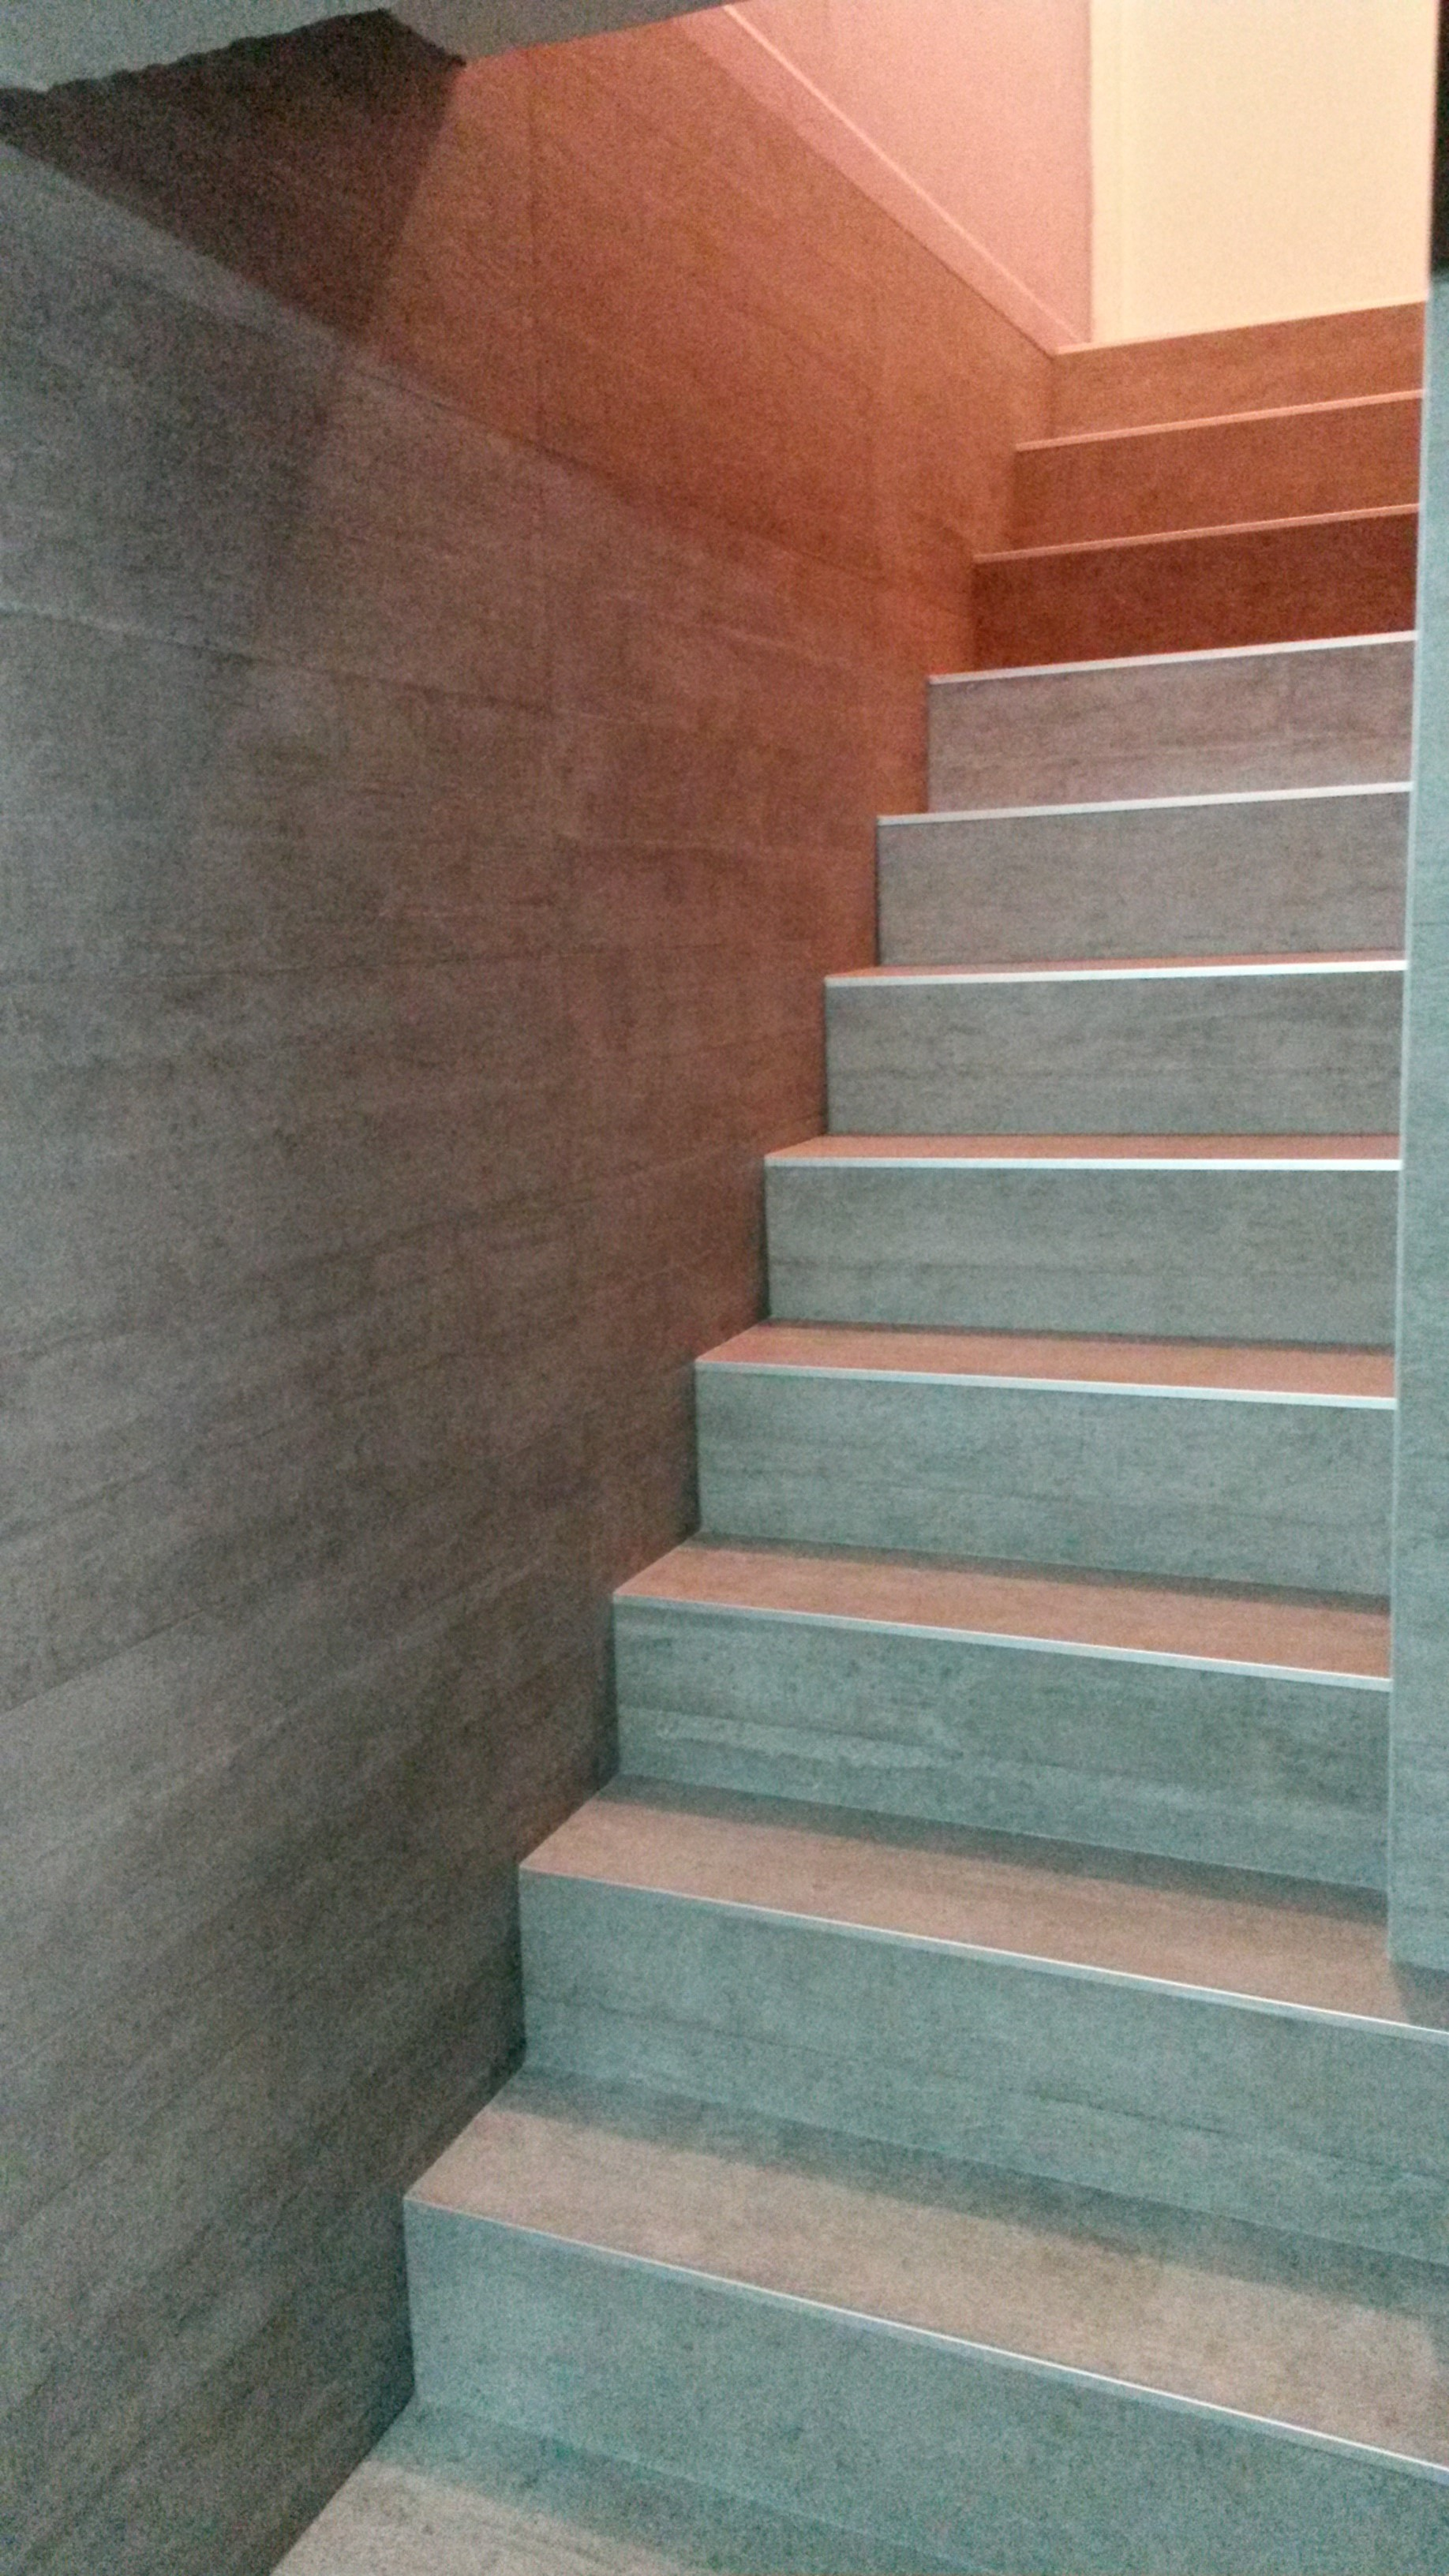 carrelage escalier ent ekin carrelage